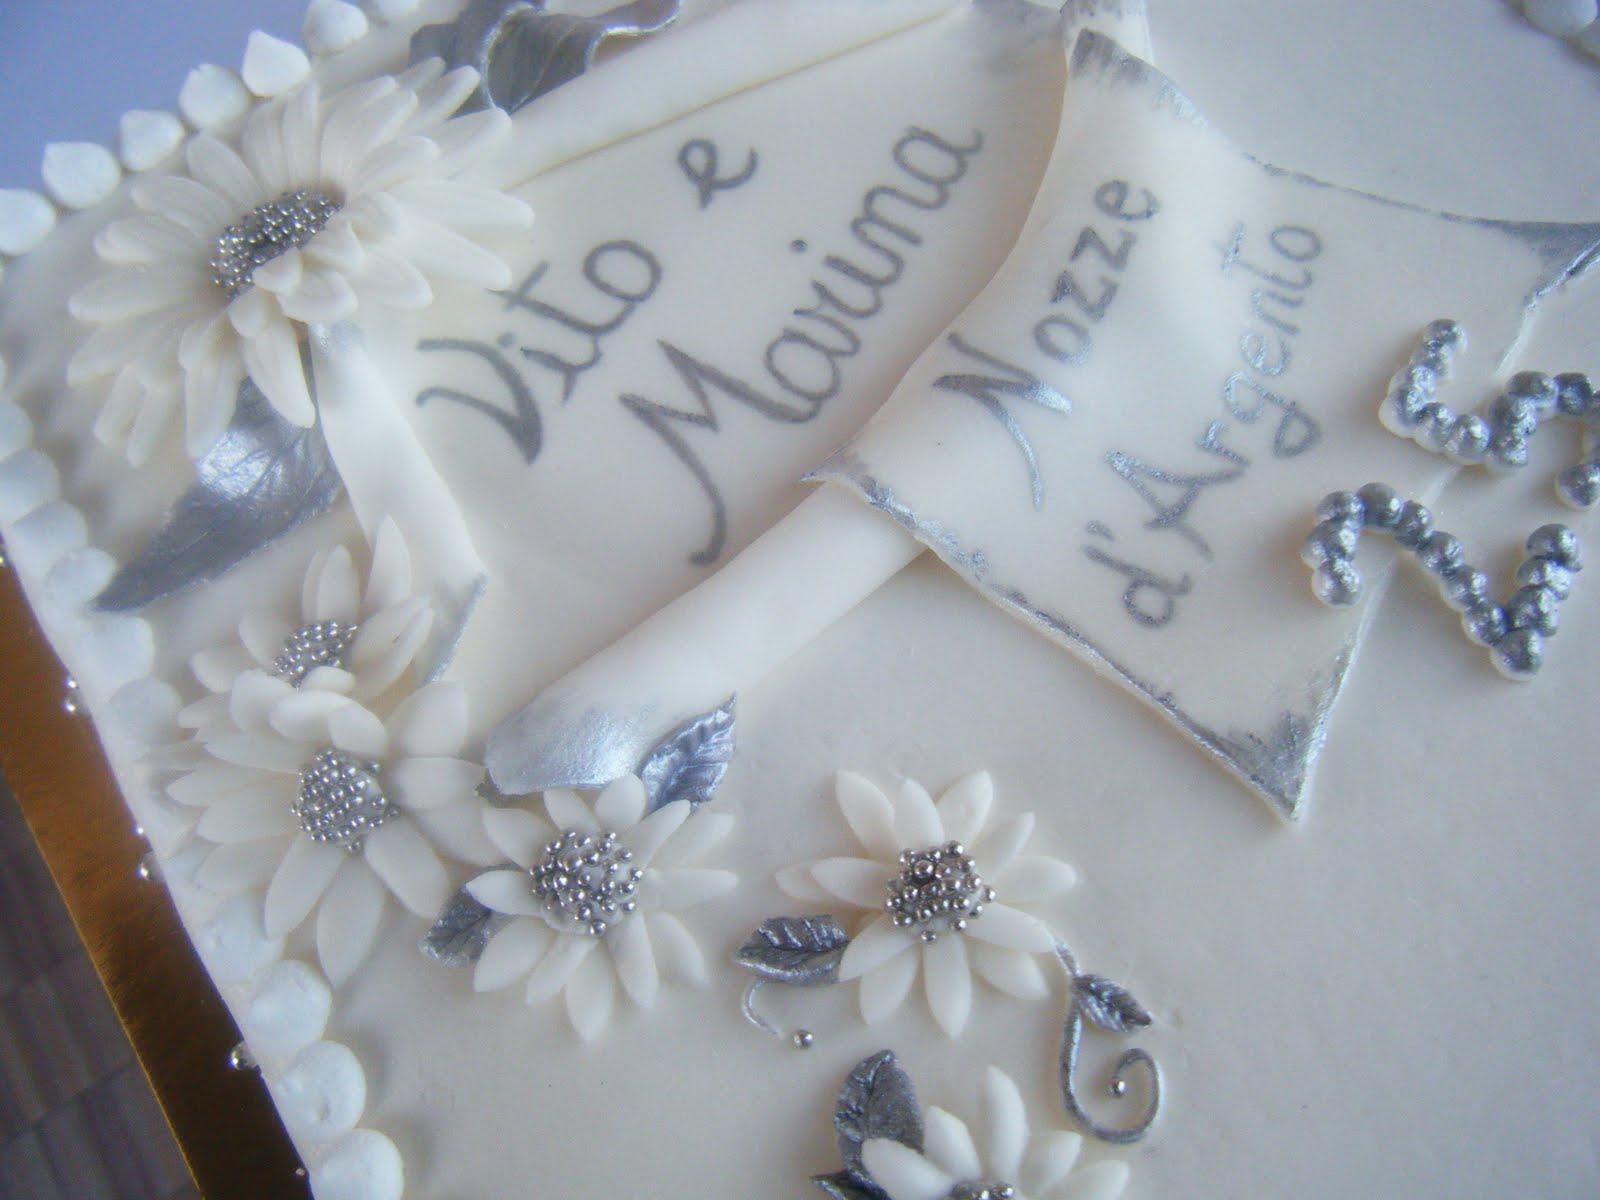 La rosa bulgara torta 25 anni di matrimonio nozze d for 25 anni matrimonio